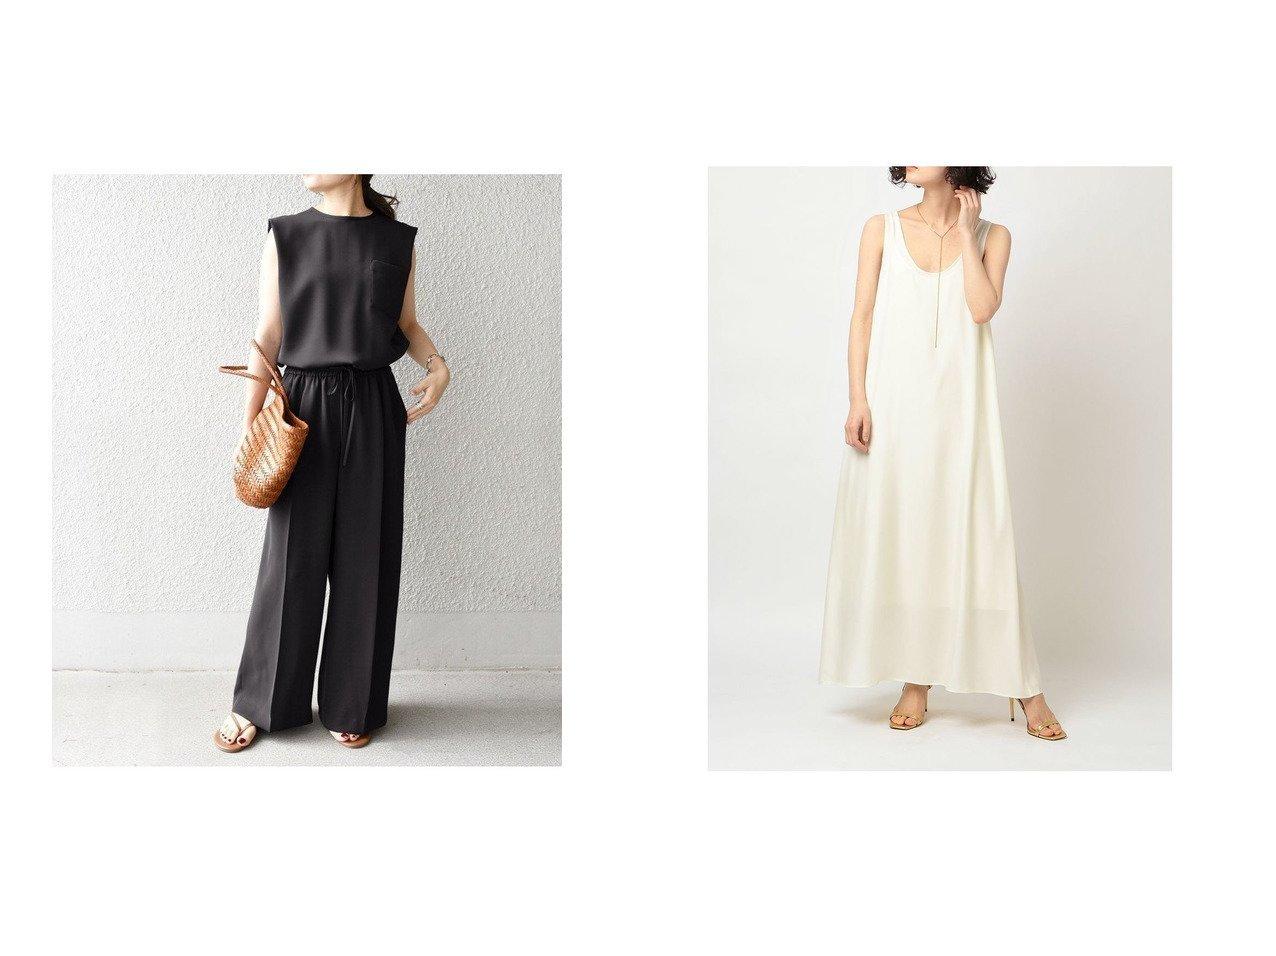 【ETRE TOKYO/エトレトウキョウ】のバックテールタンクワンピース&【SHIPS/シップス フォー ウィメン】のポケットサロペット 【ワンピース・ドレス】おすすめ!人気、トレンド・レディースファッションの通販 おすすめで人気の流行・トレンド、ファッションの通販商品 インテリア・家具・メンズファッション・キッズファッション・レディースファッション・服の通販 founy(ファニー) https://founy.com/ ファッション Fashion レディースファッション WOMEN ワンピース Dress サロペット Salopette サロペット 夏 Summer とろみ シンプル タンク ダウン  ID:crp329100000059766